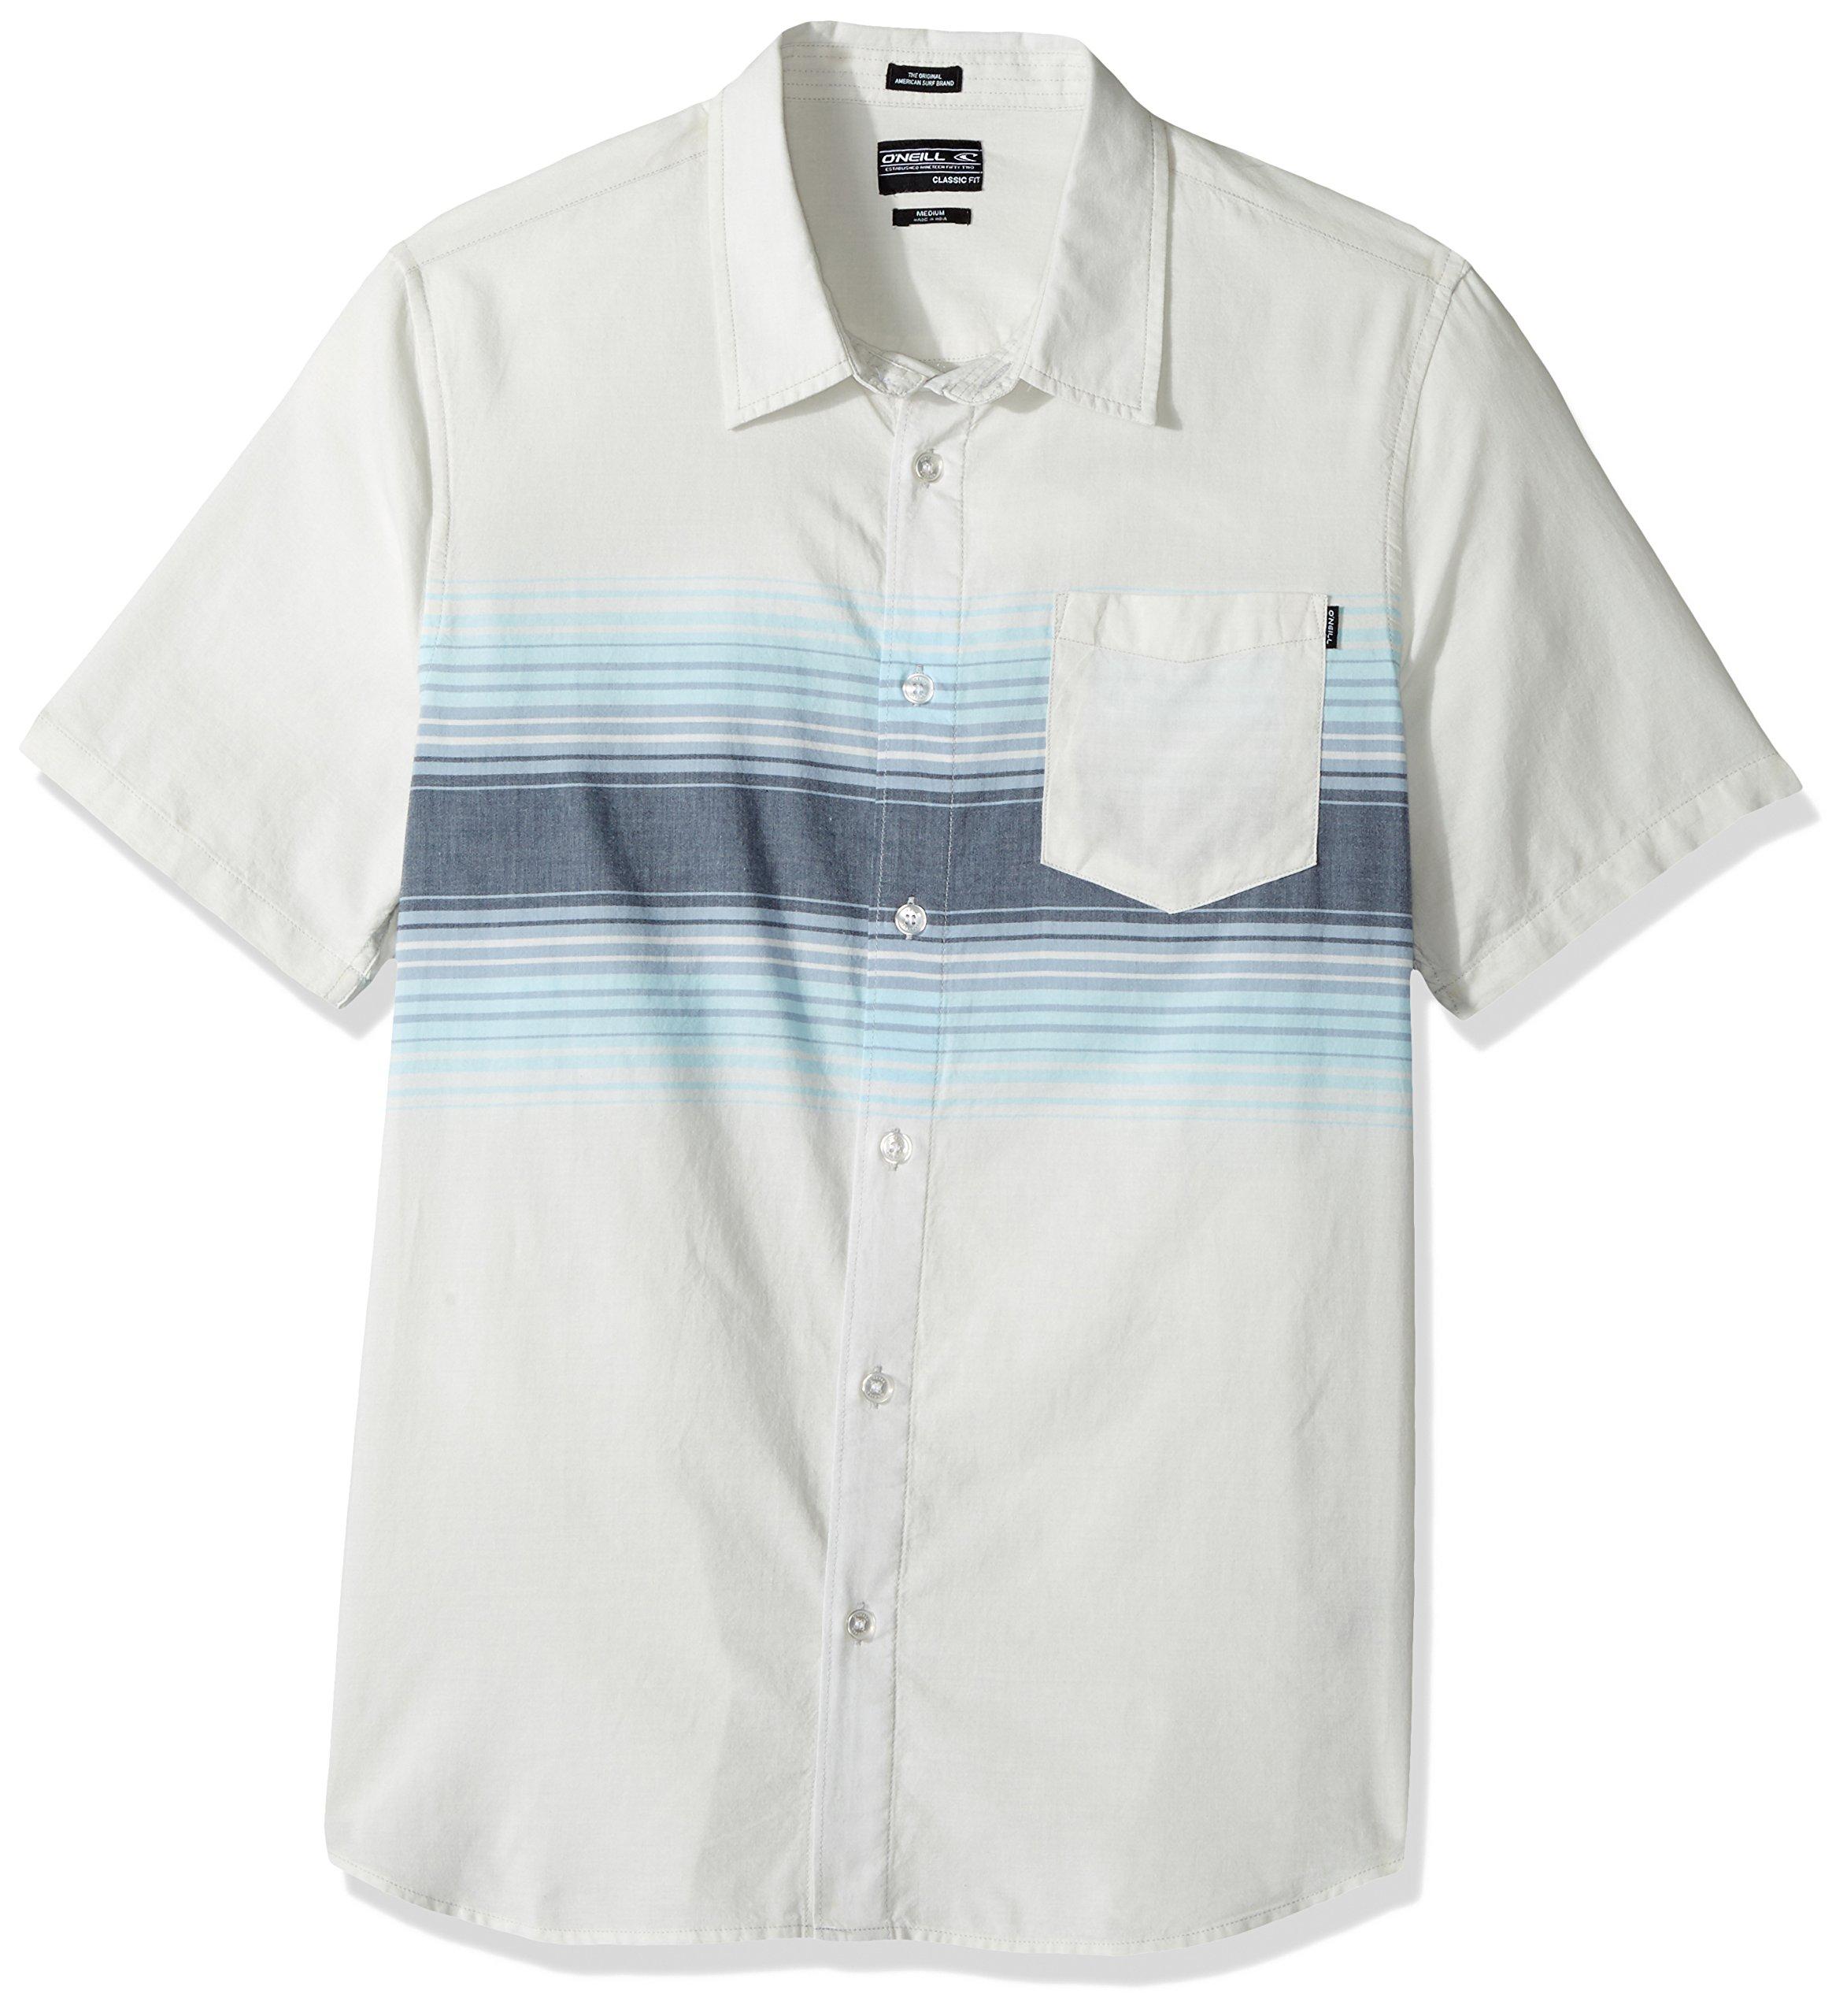 O'Neill Men's Rodgers Short Sleeve, Light Blue, Medium